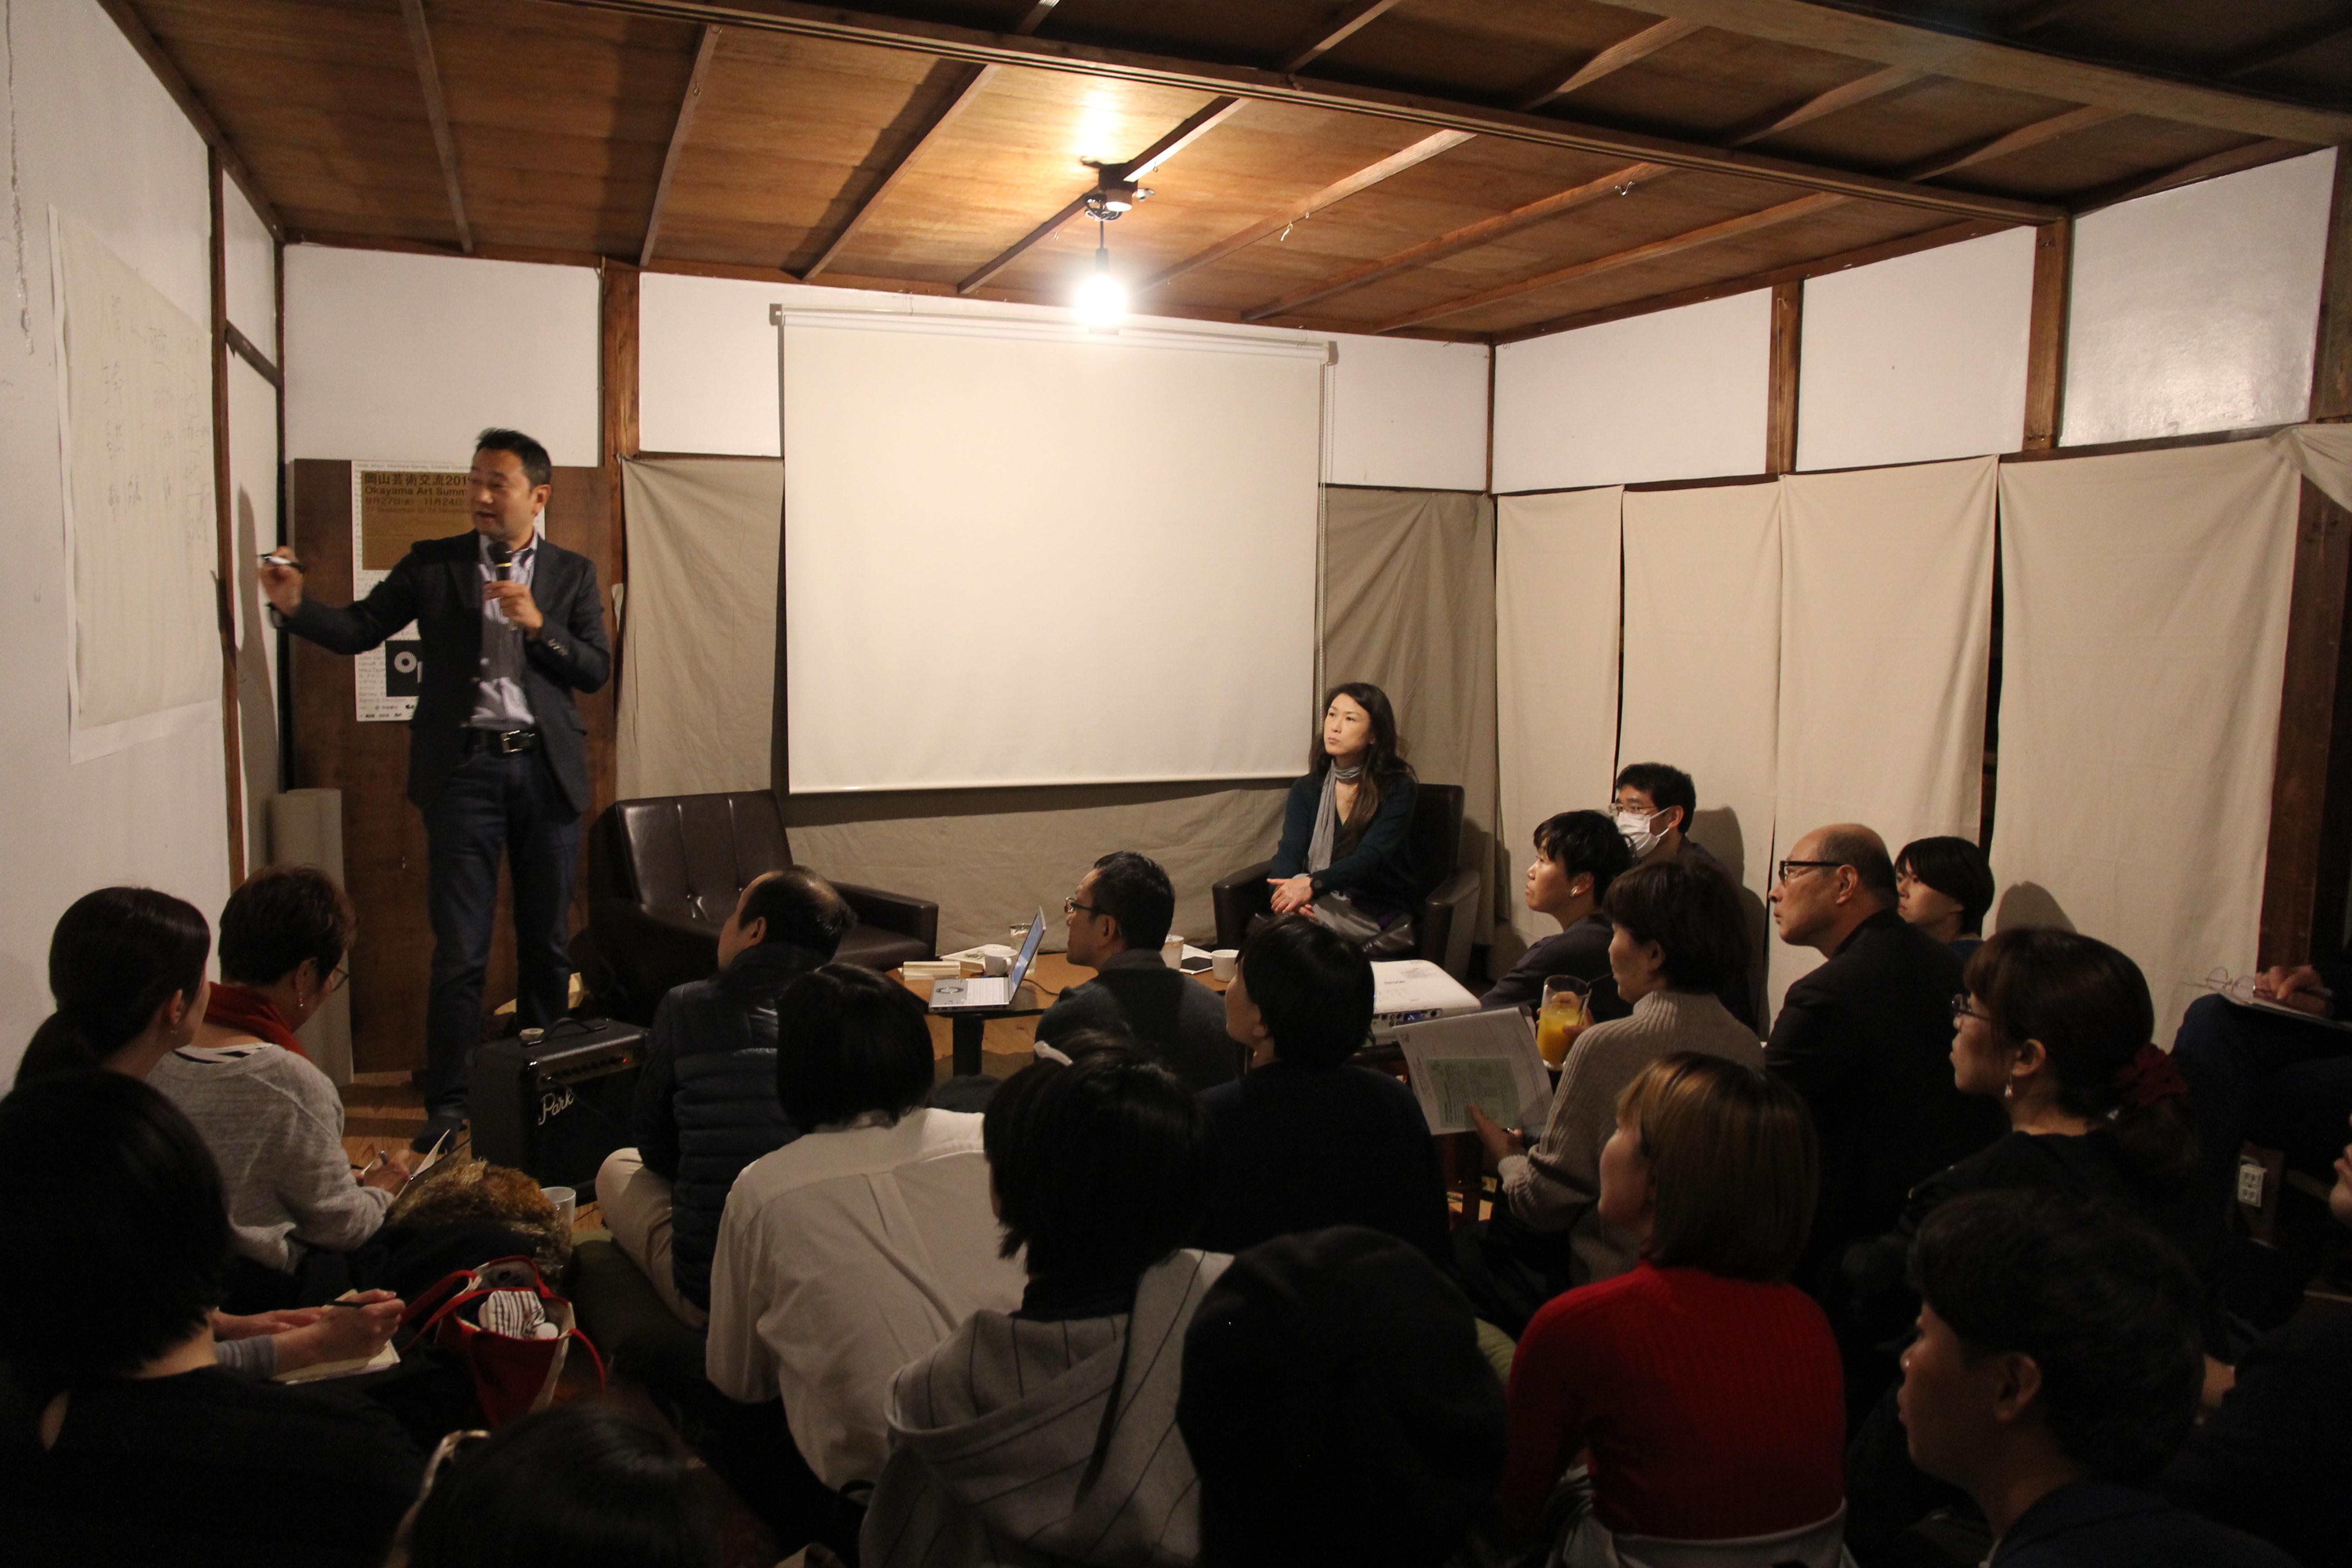 ゲストトーク「【思考と感性を拓く3つの鍵】文化人類学編」を開催しました